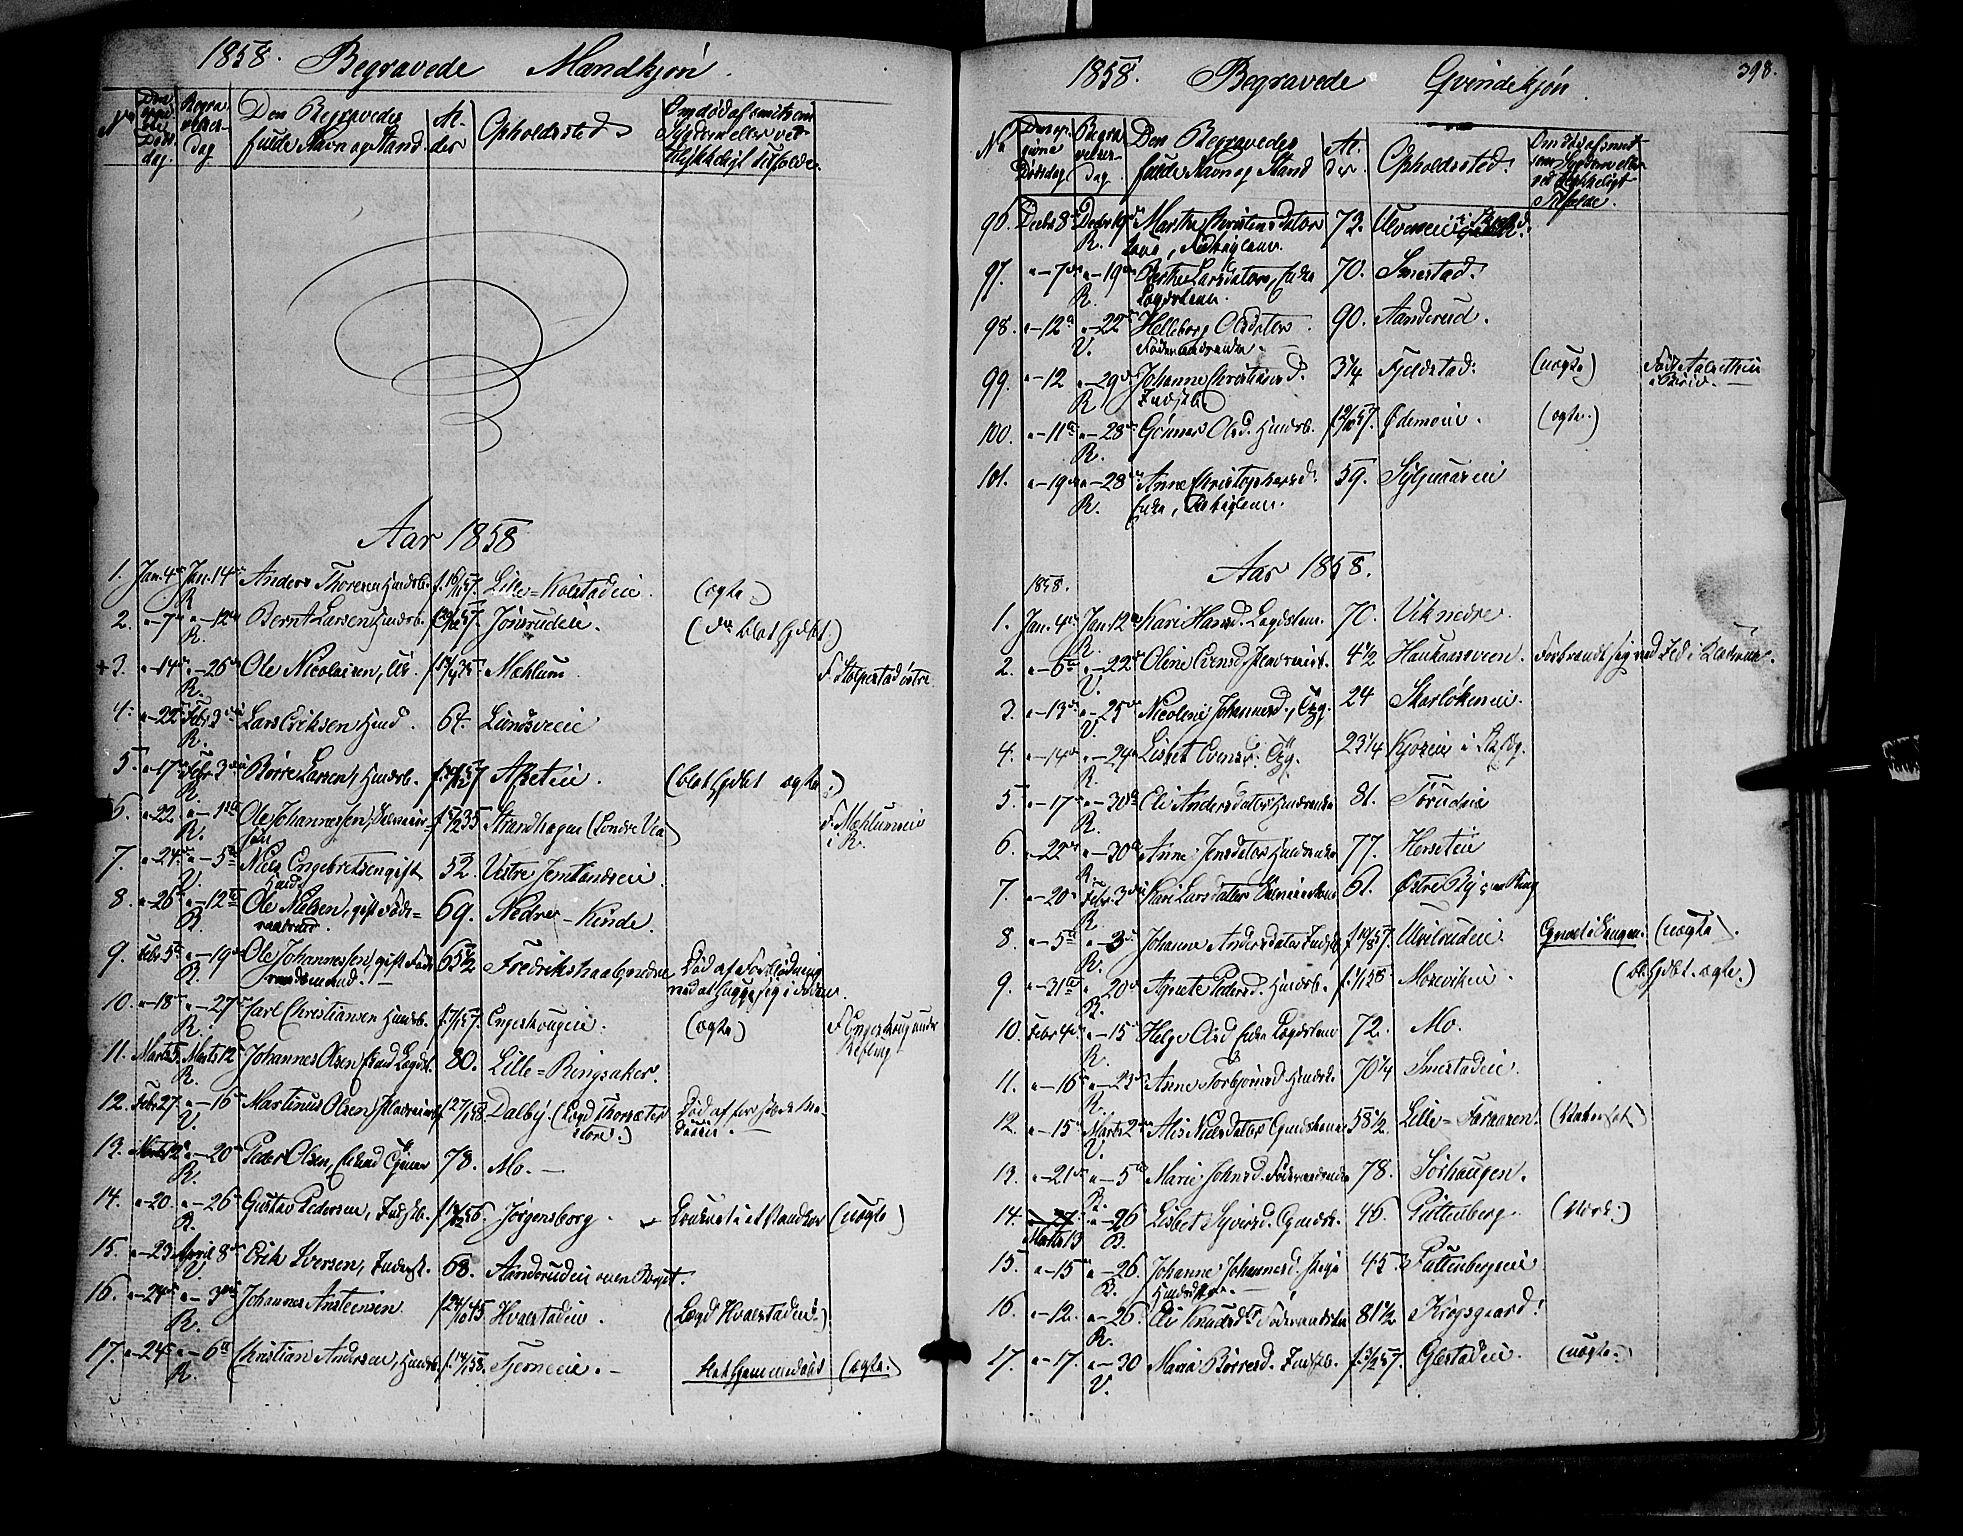 SAH, Ringsaker prestekontor, K/Ka/L0009: Ministerialbok nr. 9, 1850-1860, s. 398